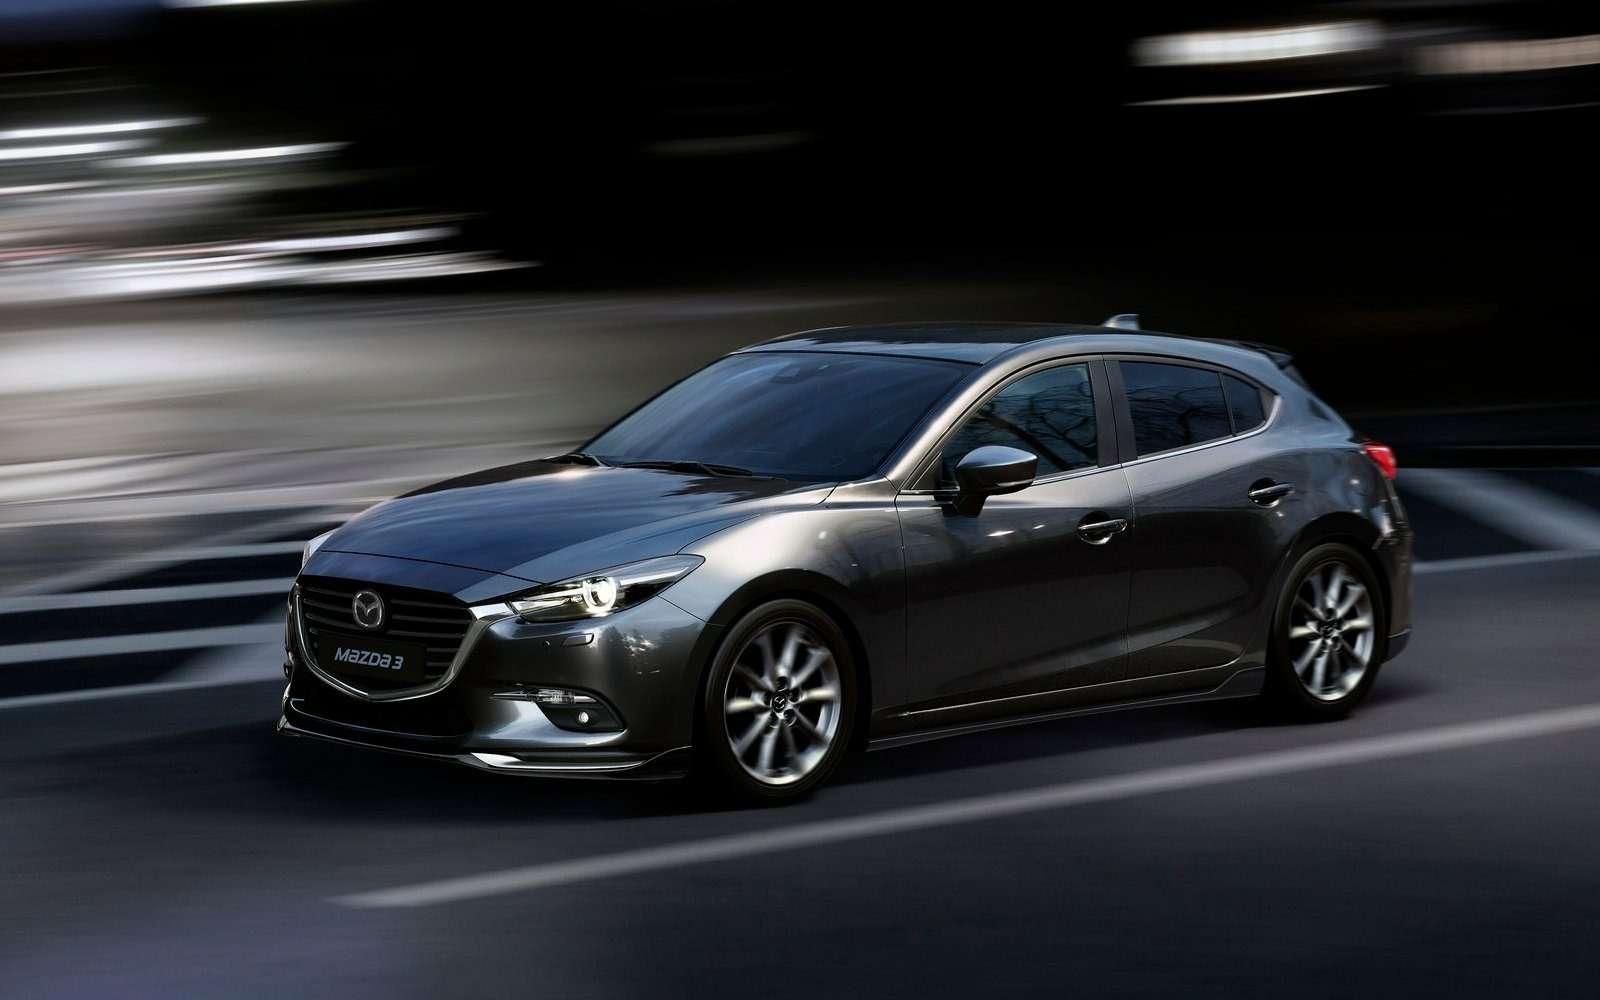 Обновленная Mazda 3будет сама жать нагаз!— фото 608698